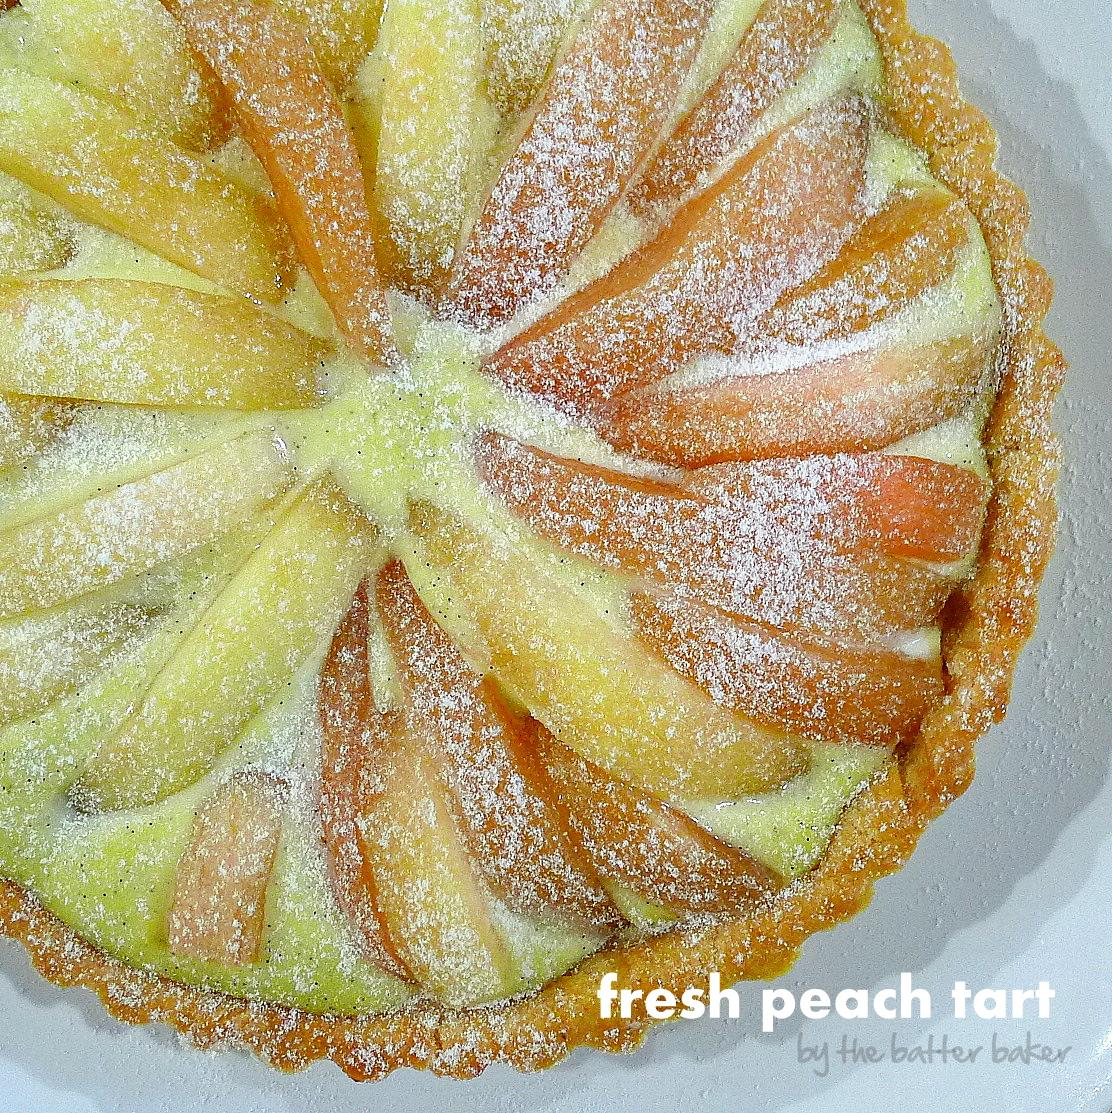 the batter baker: Fresh Peach Tart